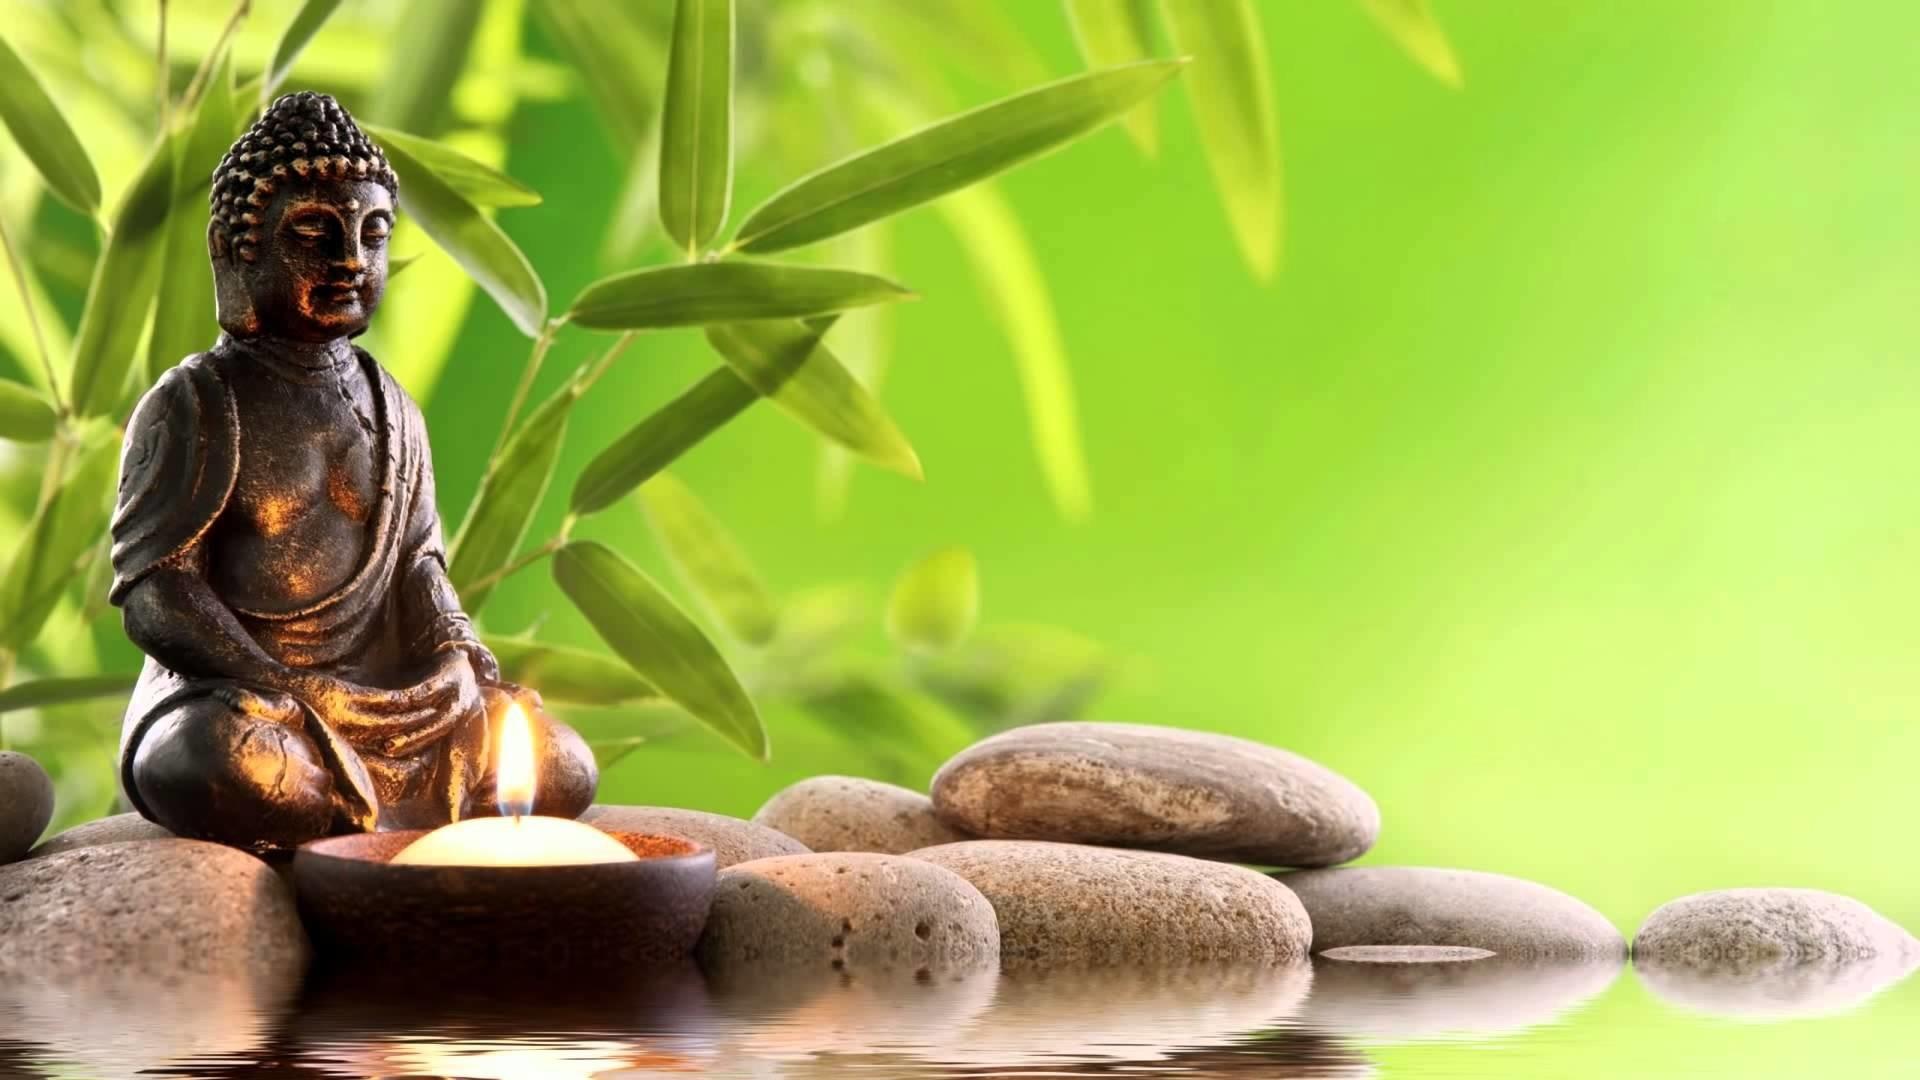 Zen Yoga Desktop Wallpaper